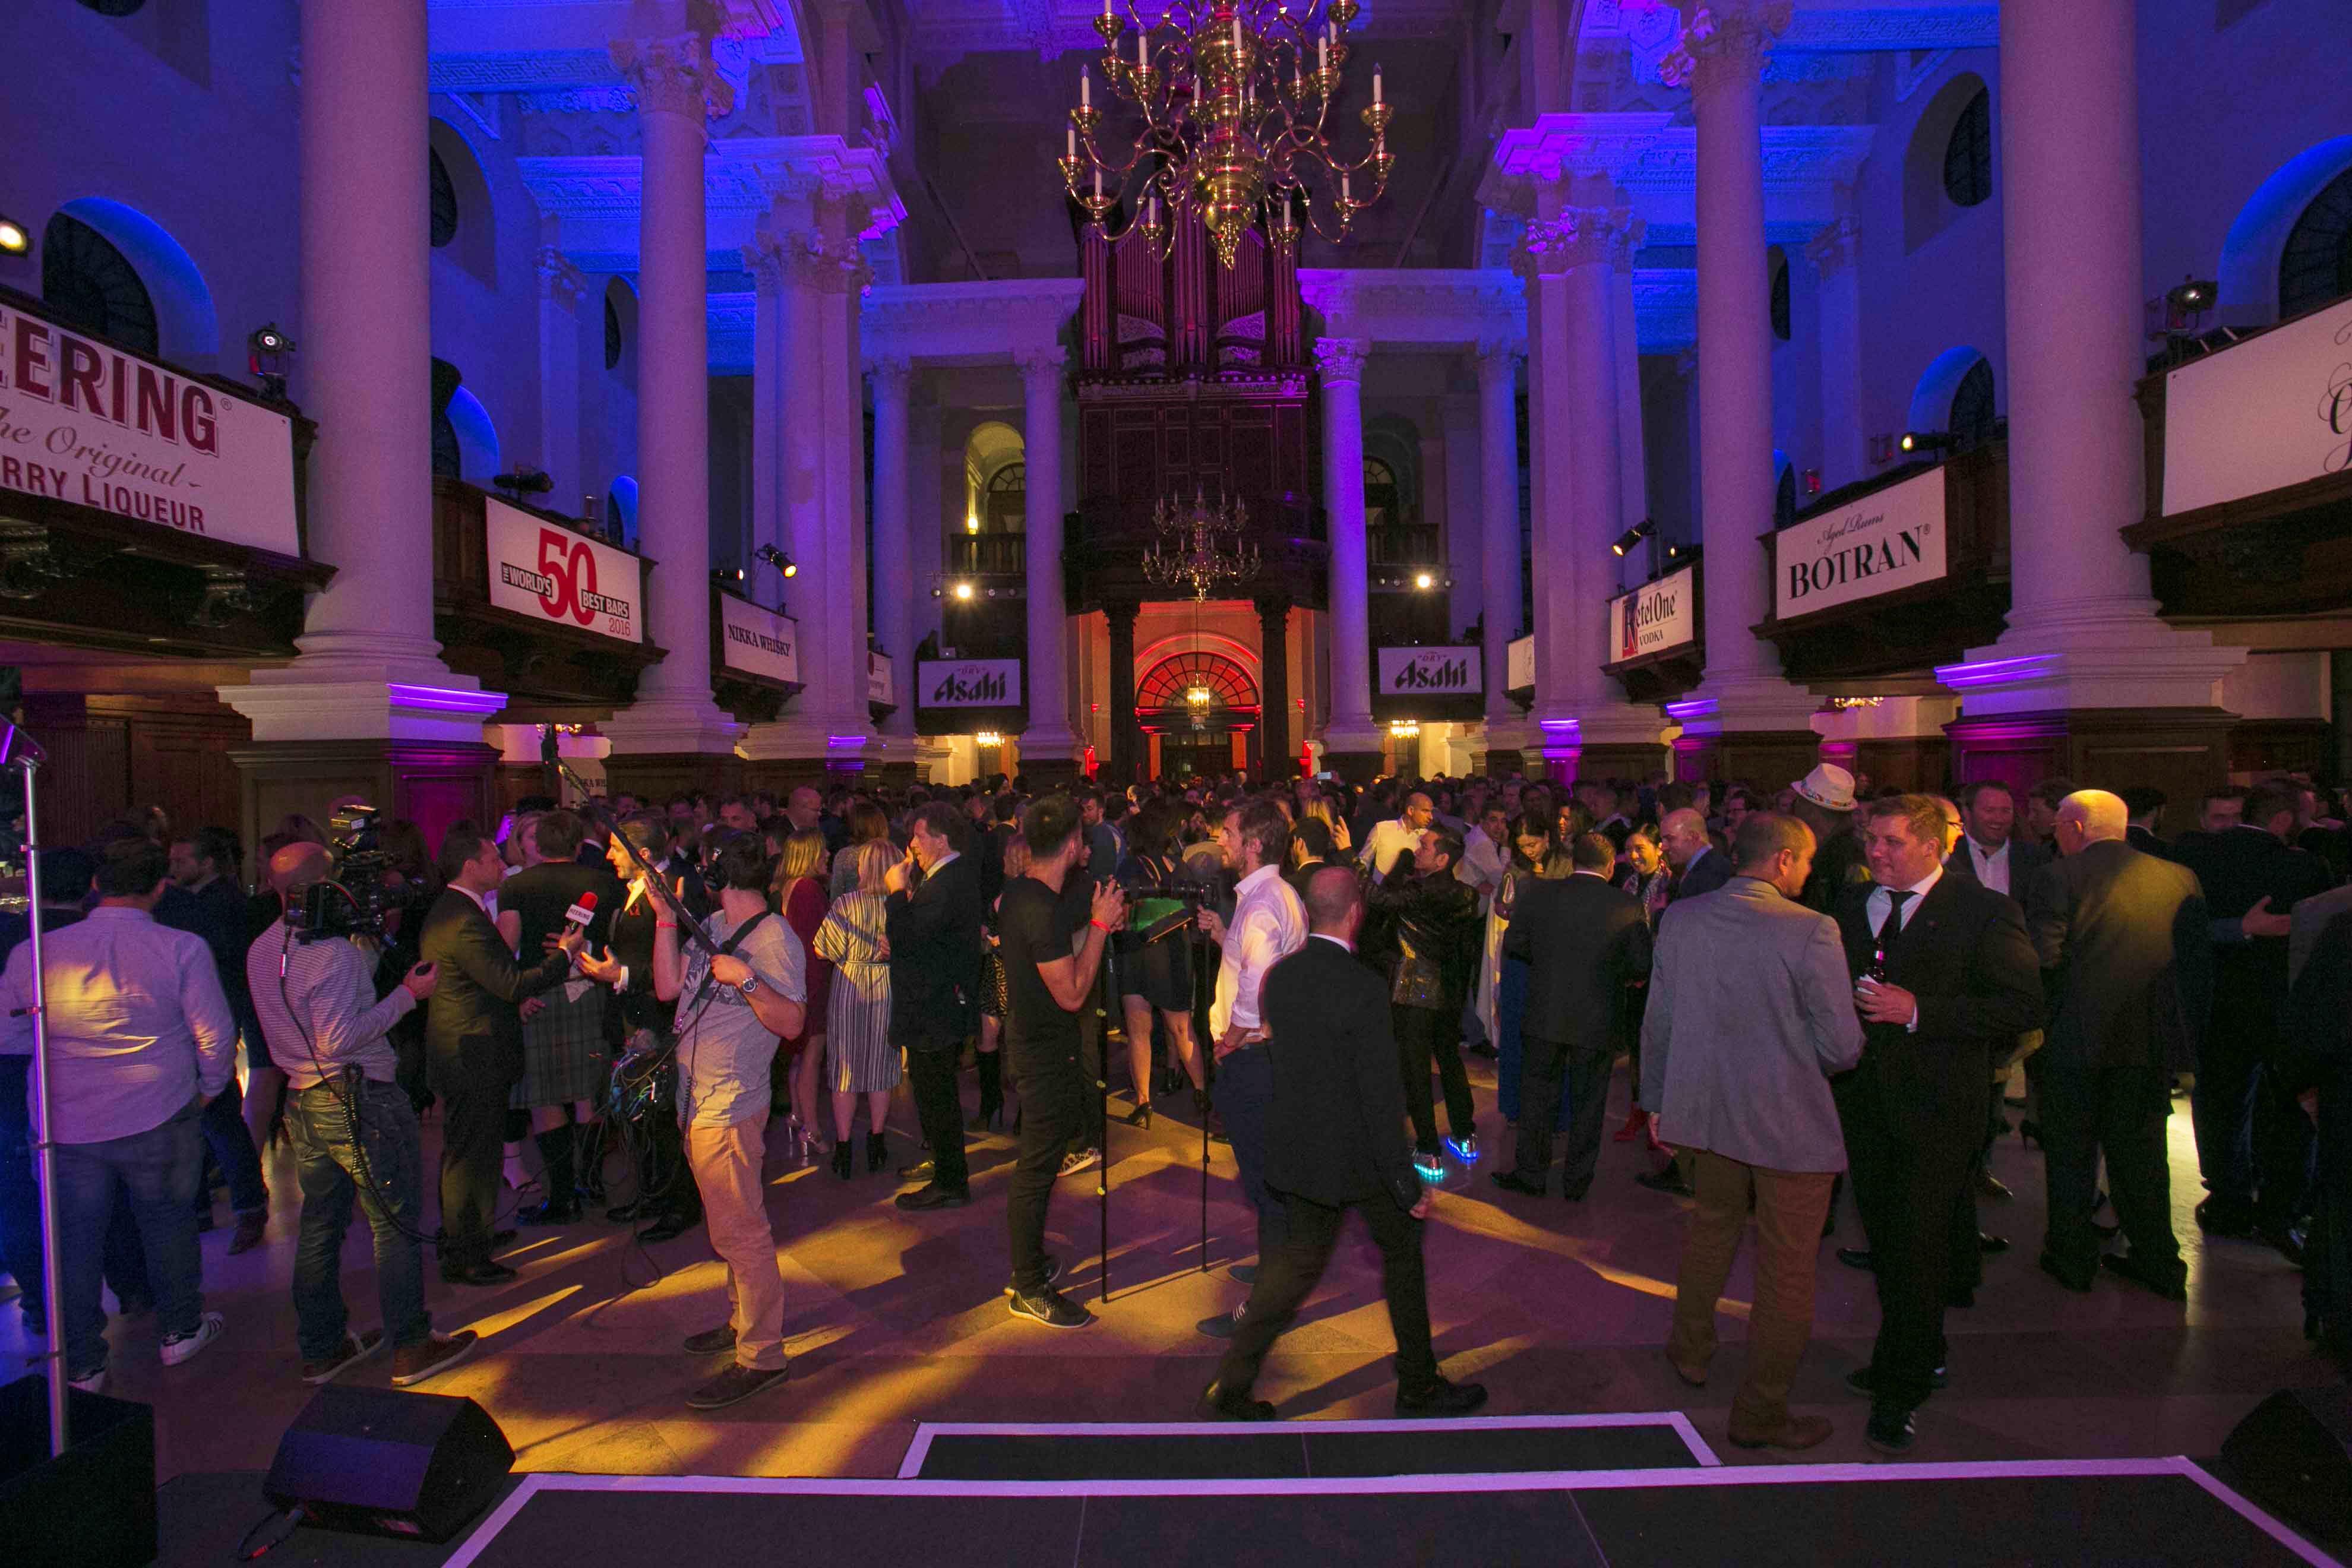 Einblick in das Event World's 50 Best Bars 2017